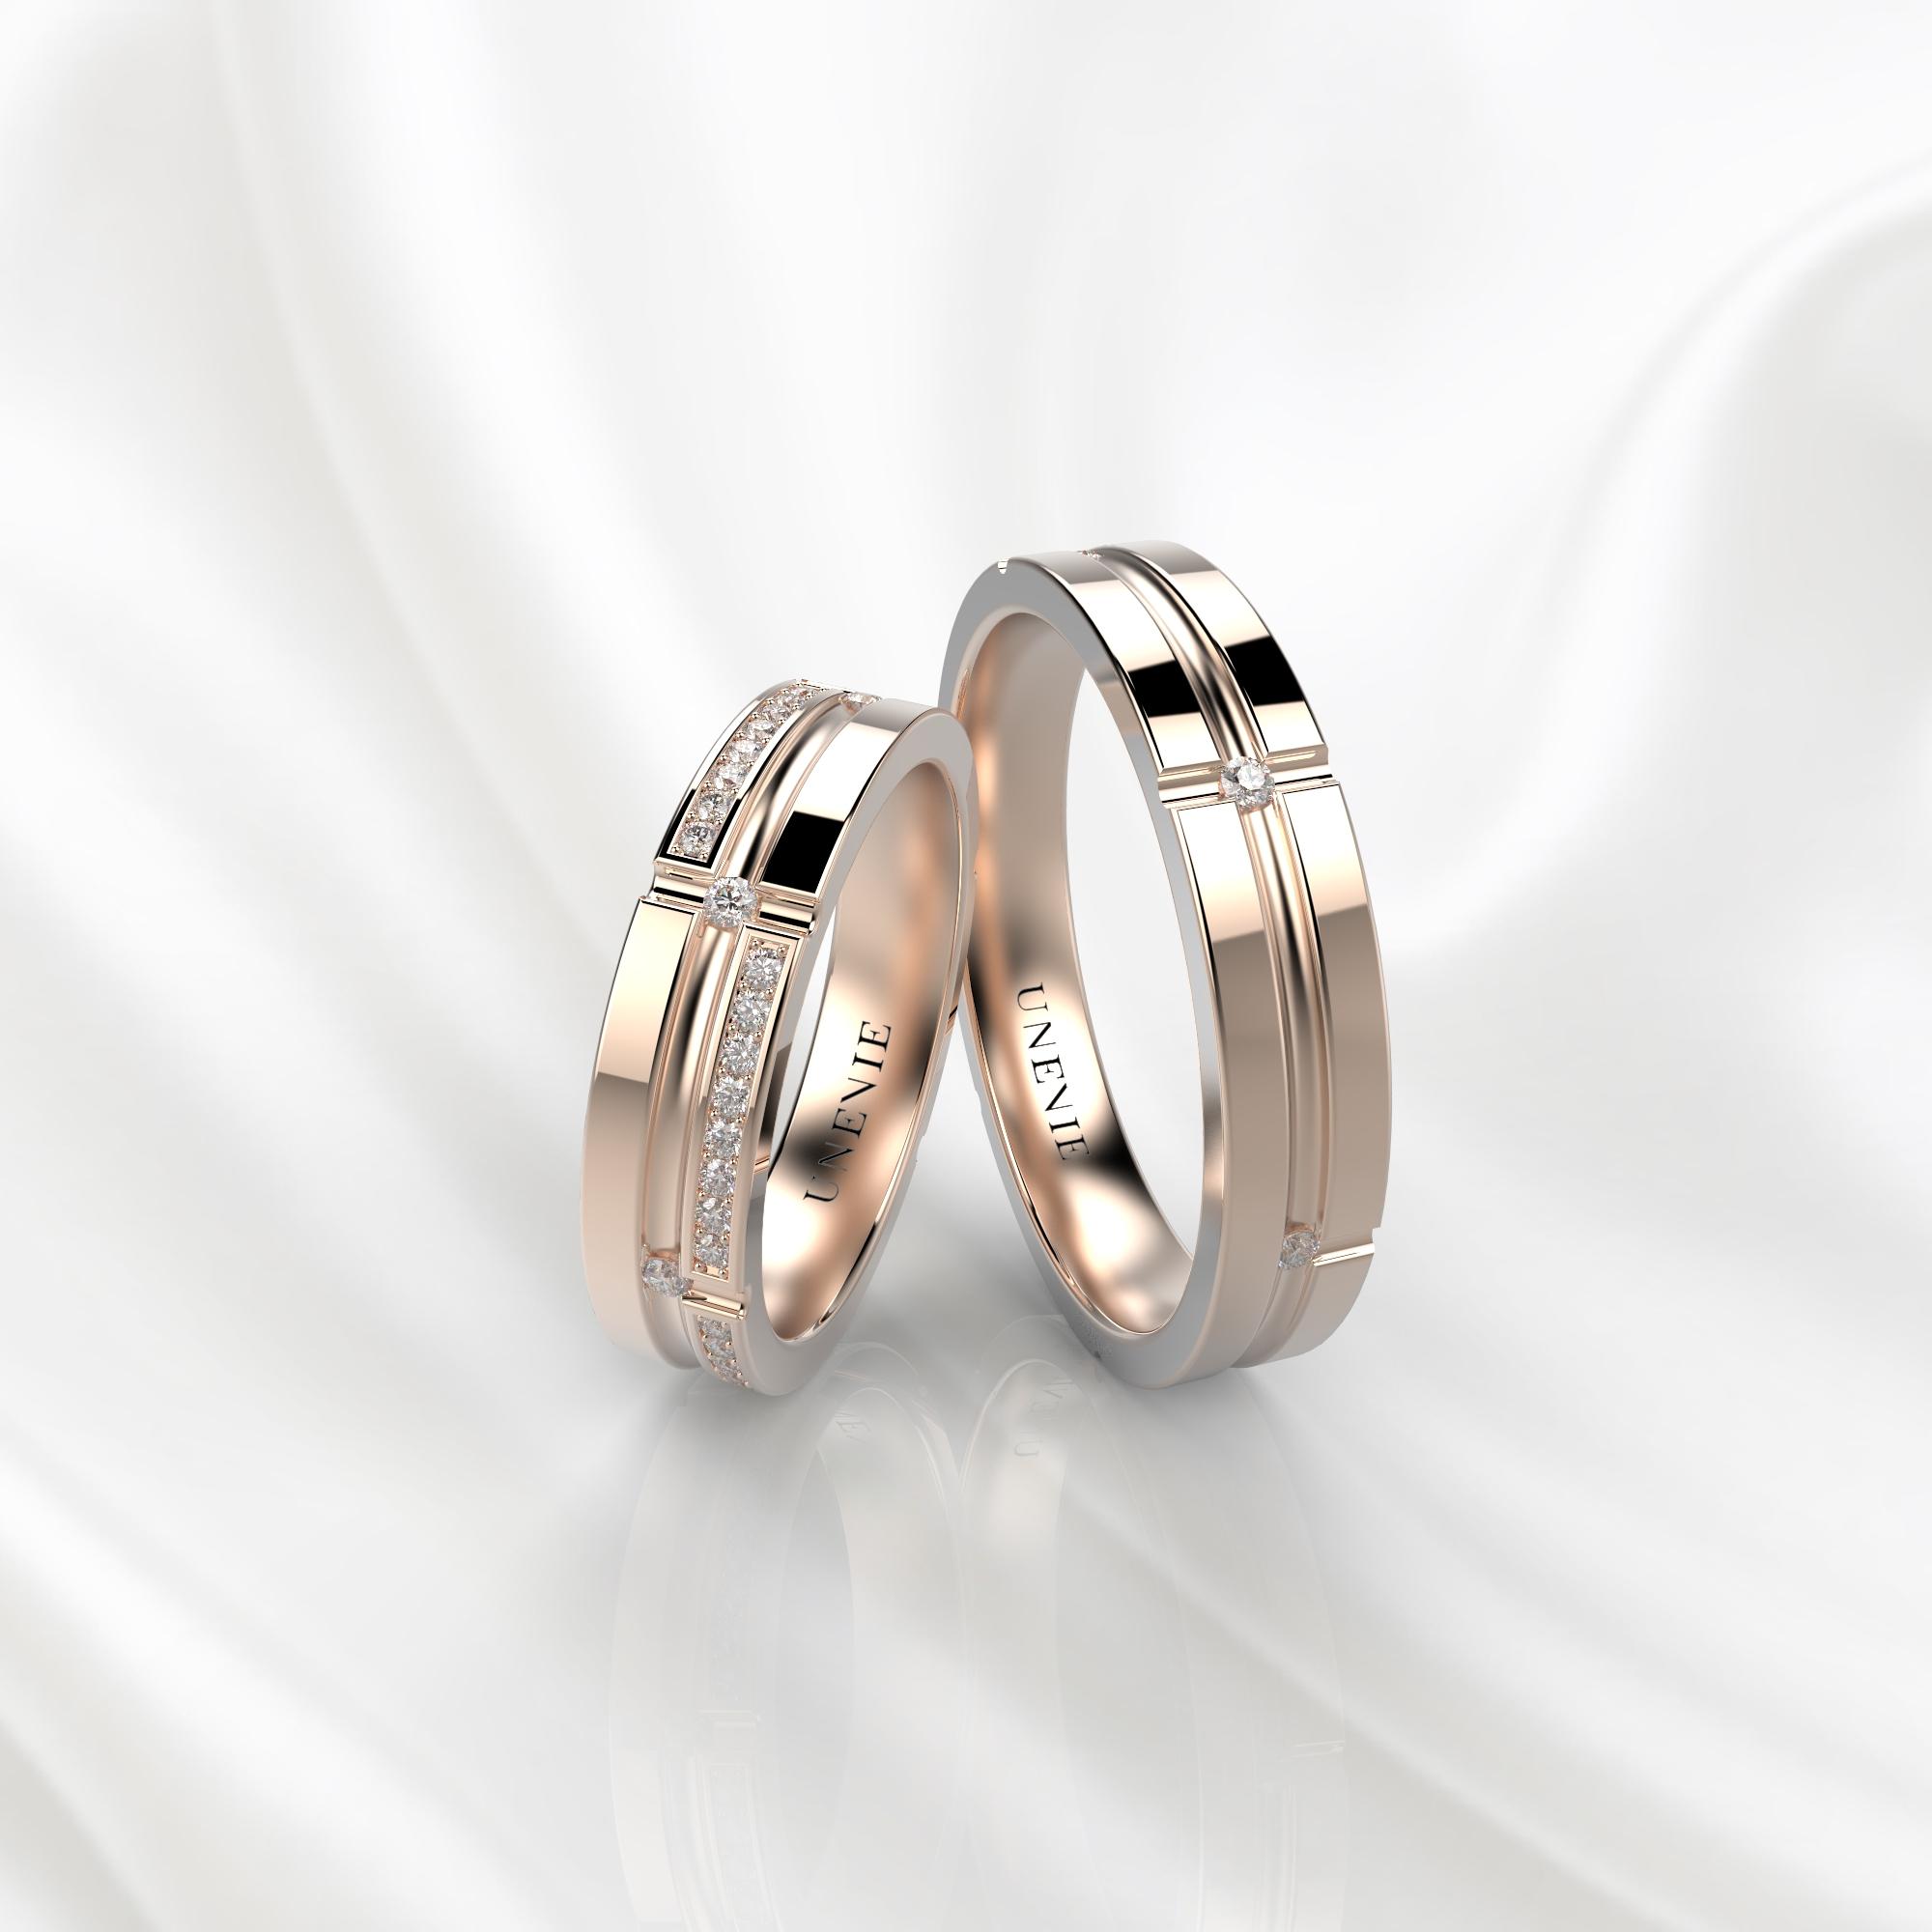 NV39 Обручальные кольца из розового золота с бриллиантами